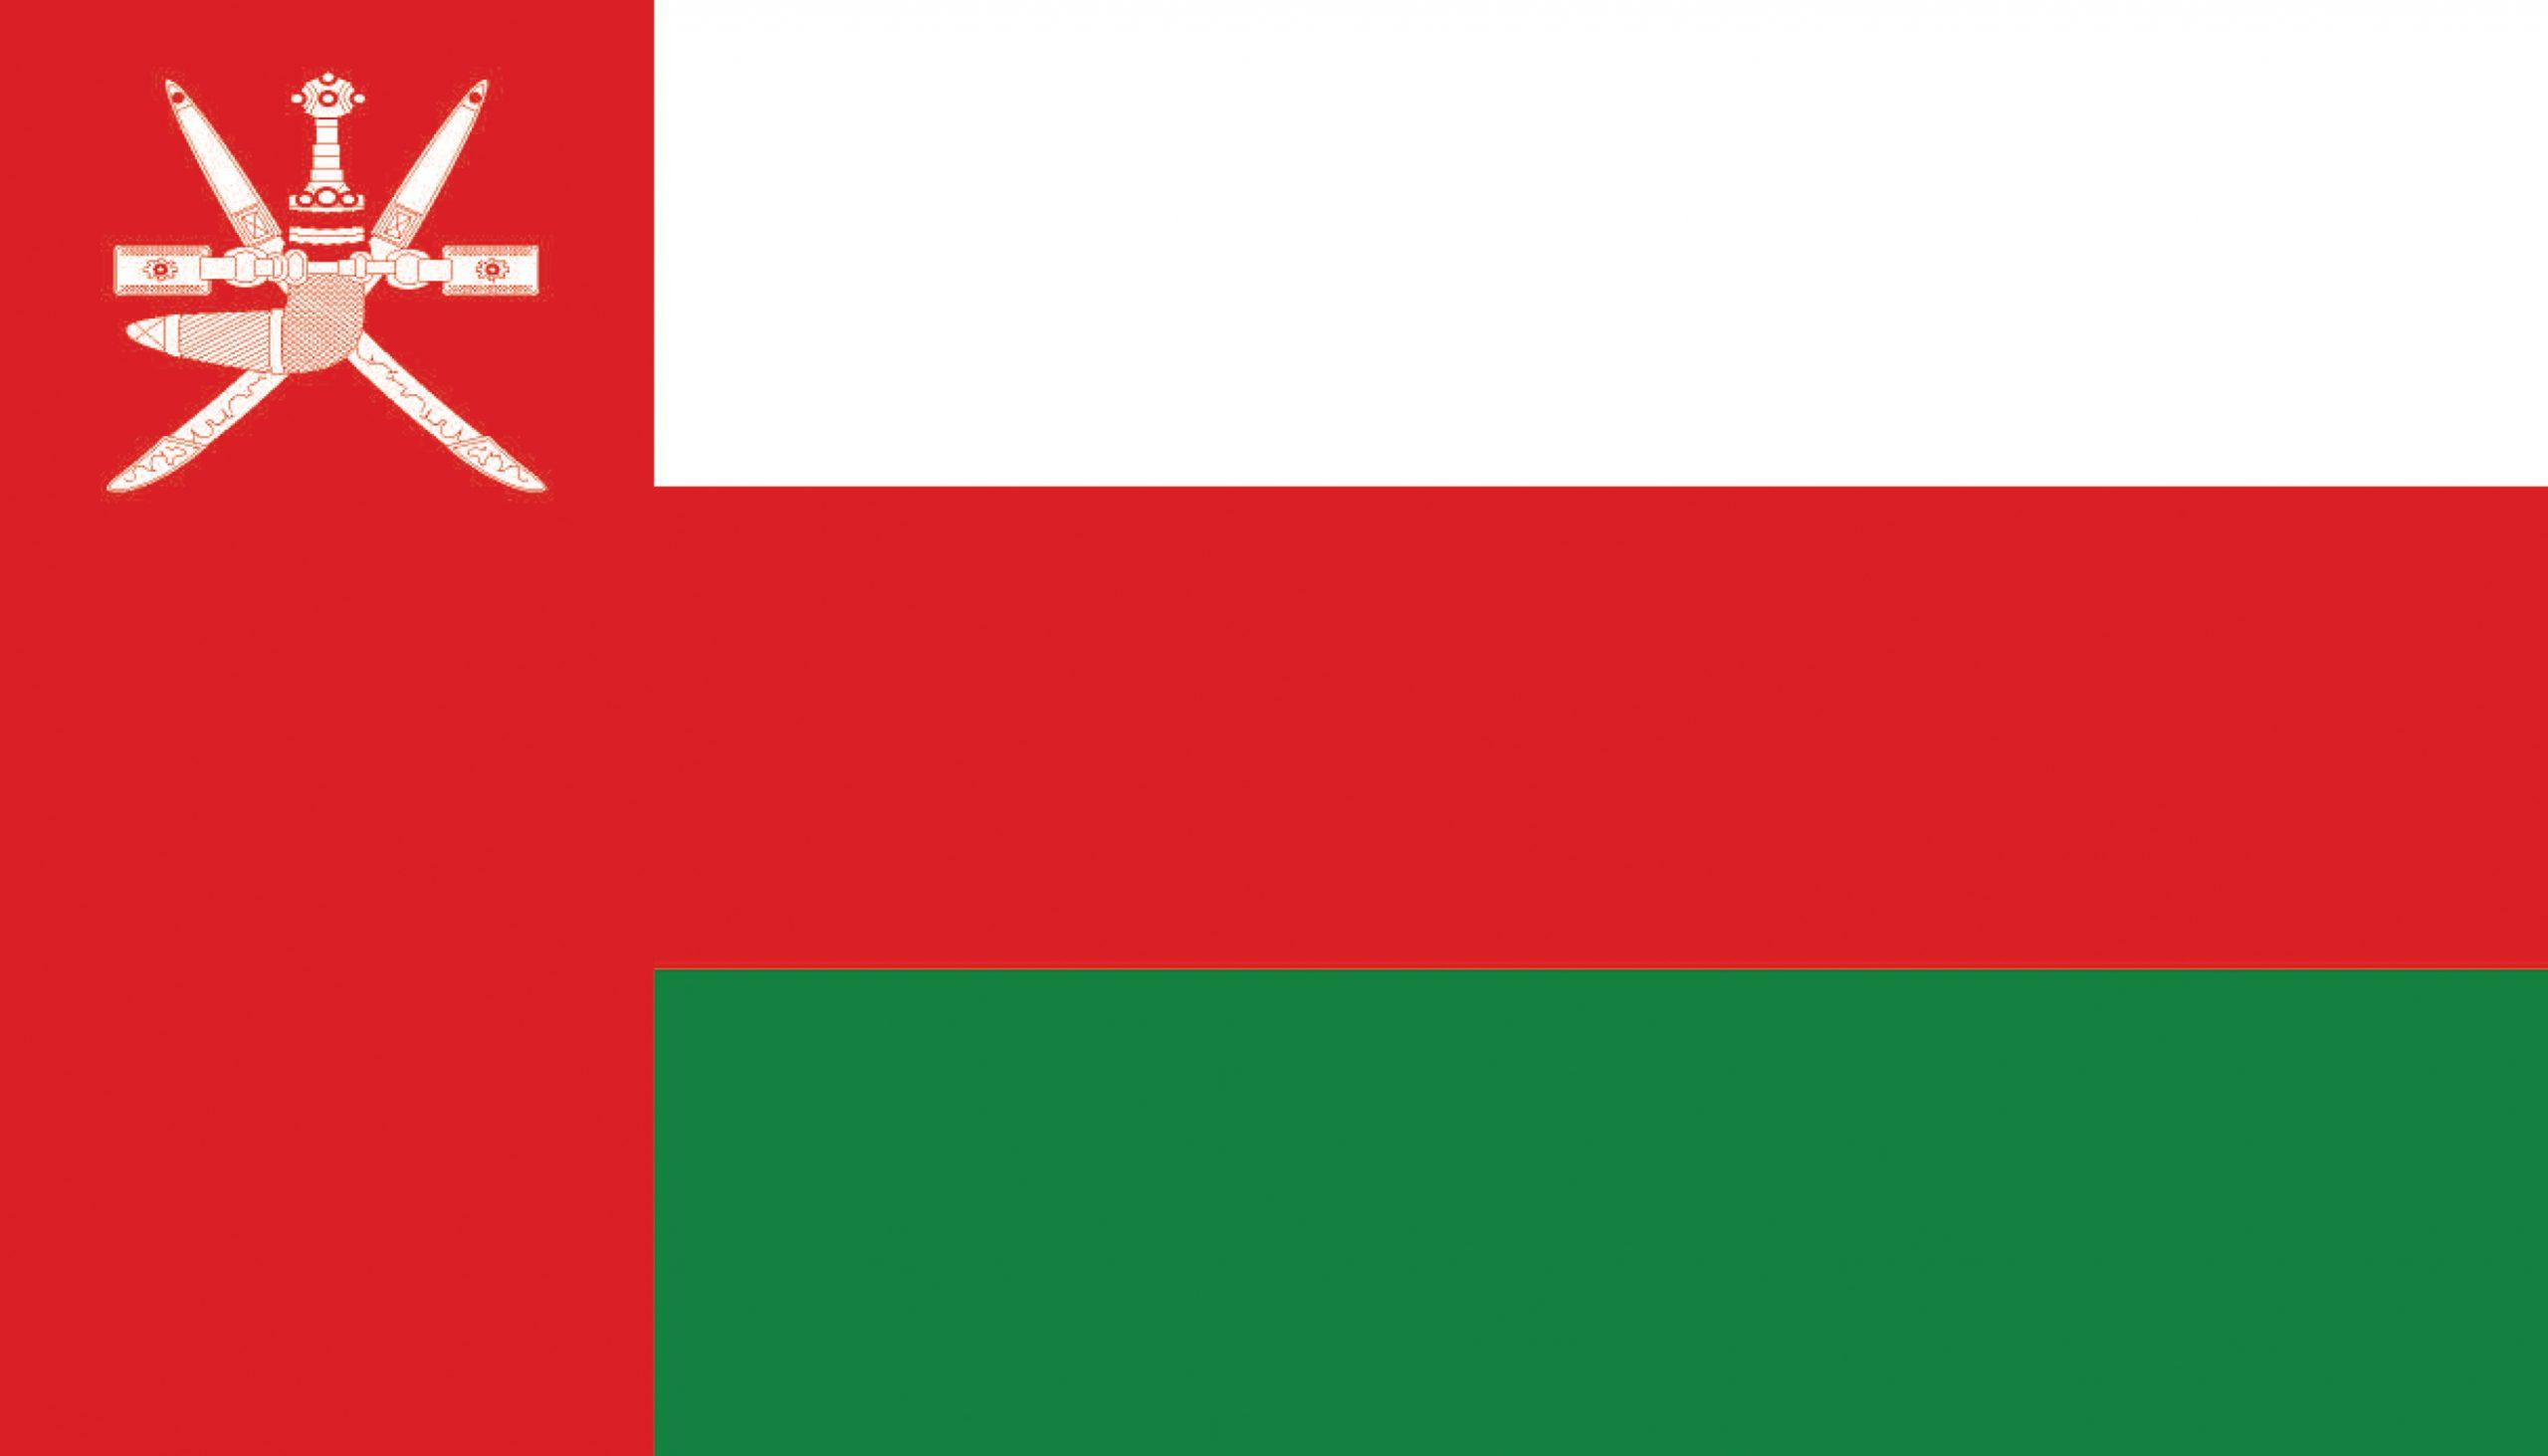 طريقة حساب التأمينات الاجتماعية سلطنة عمان